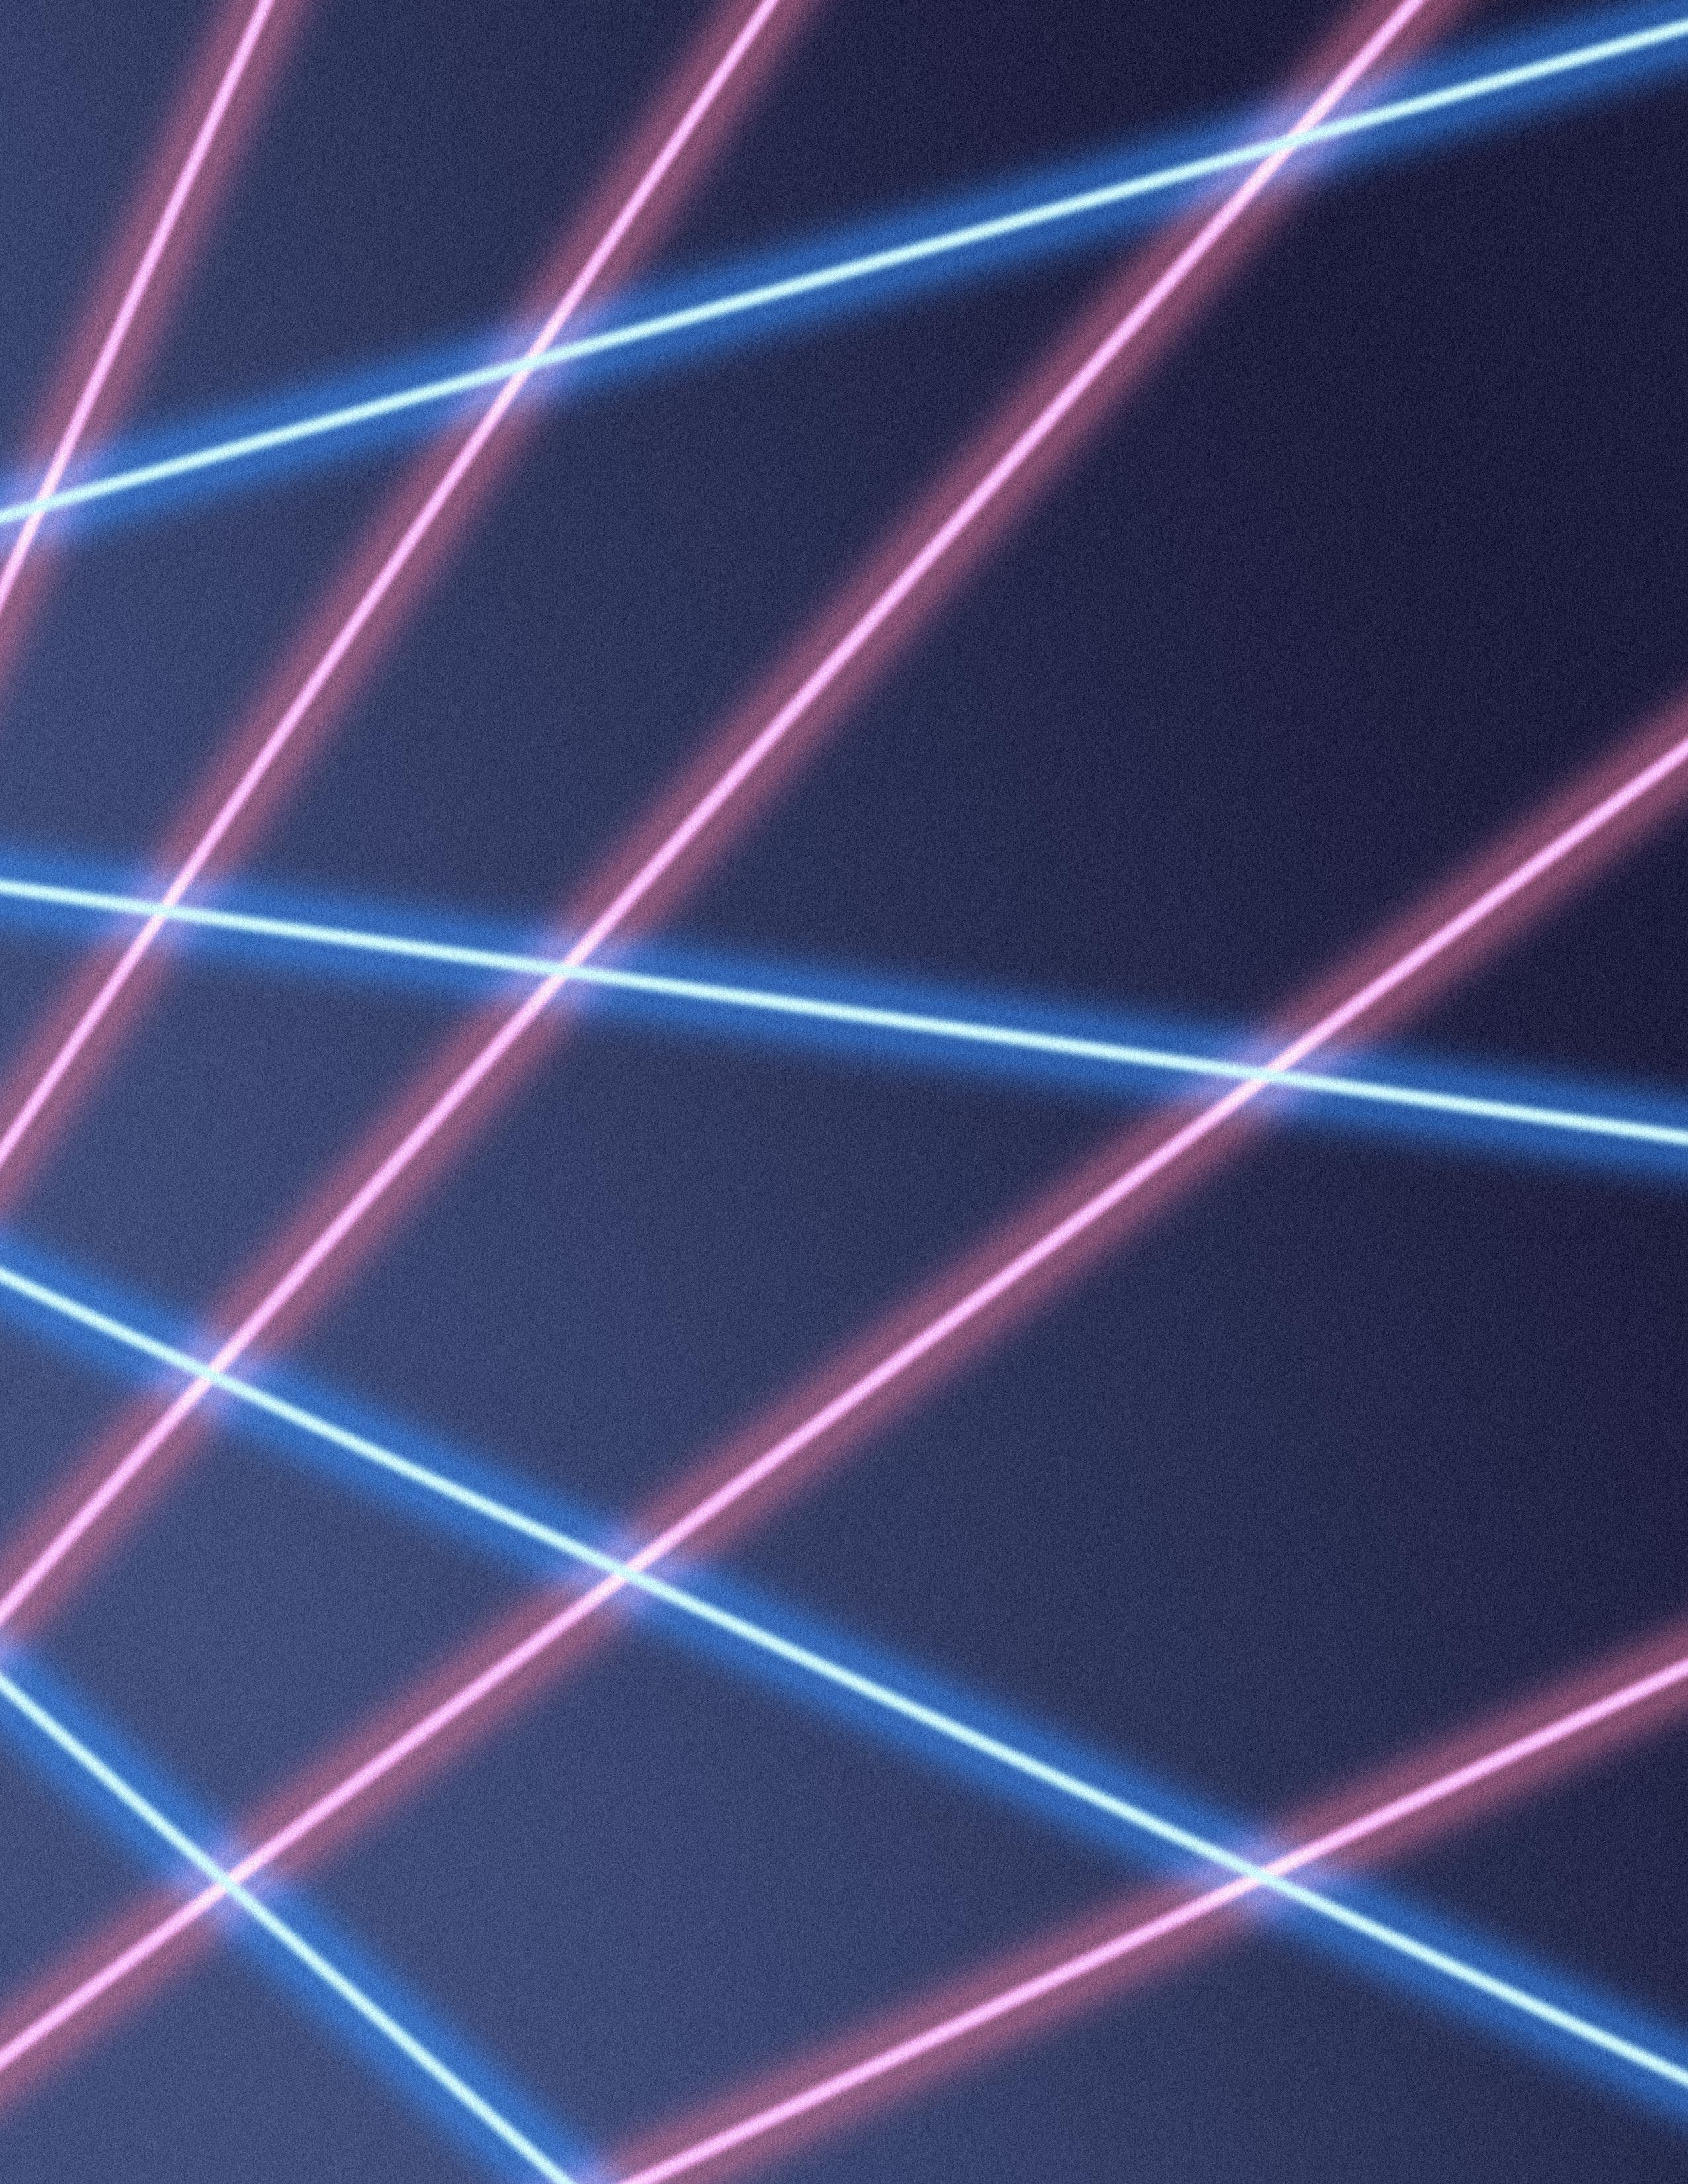 laserbackground